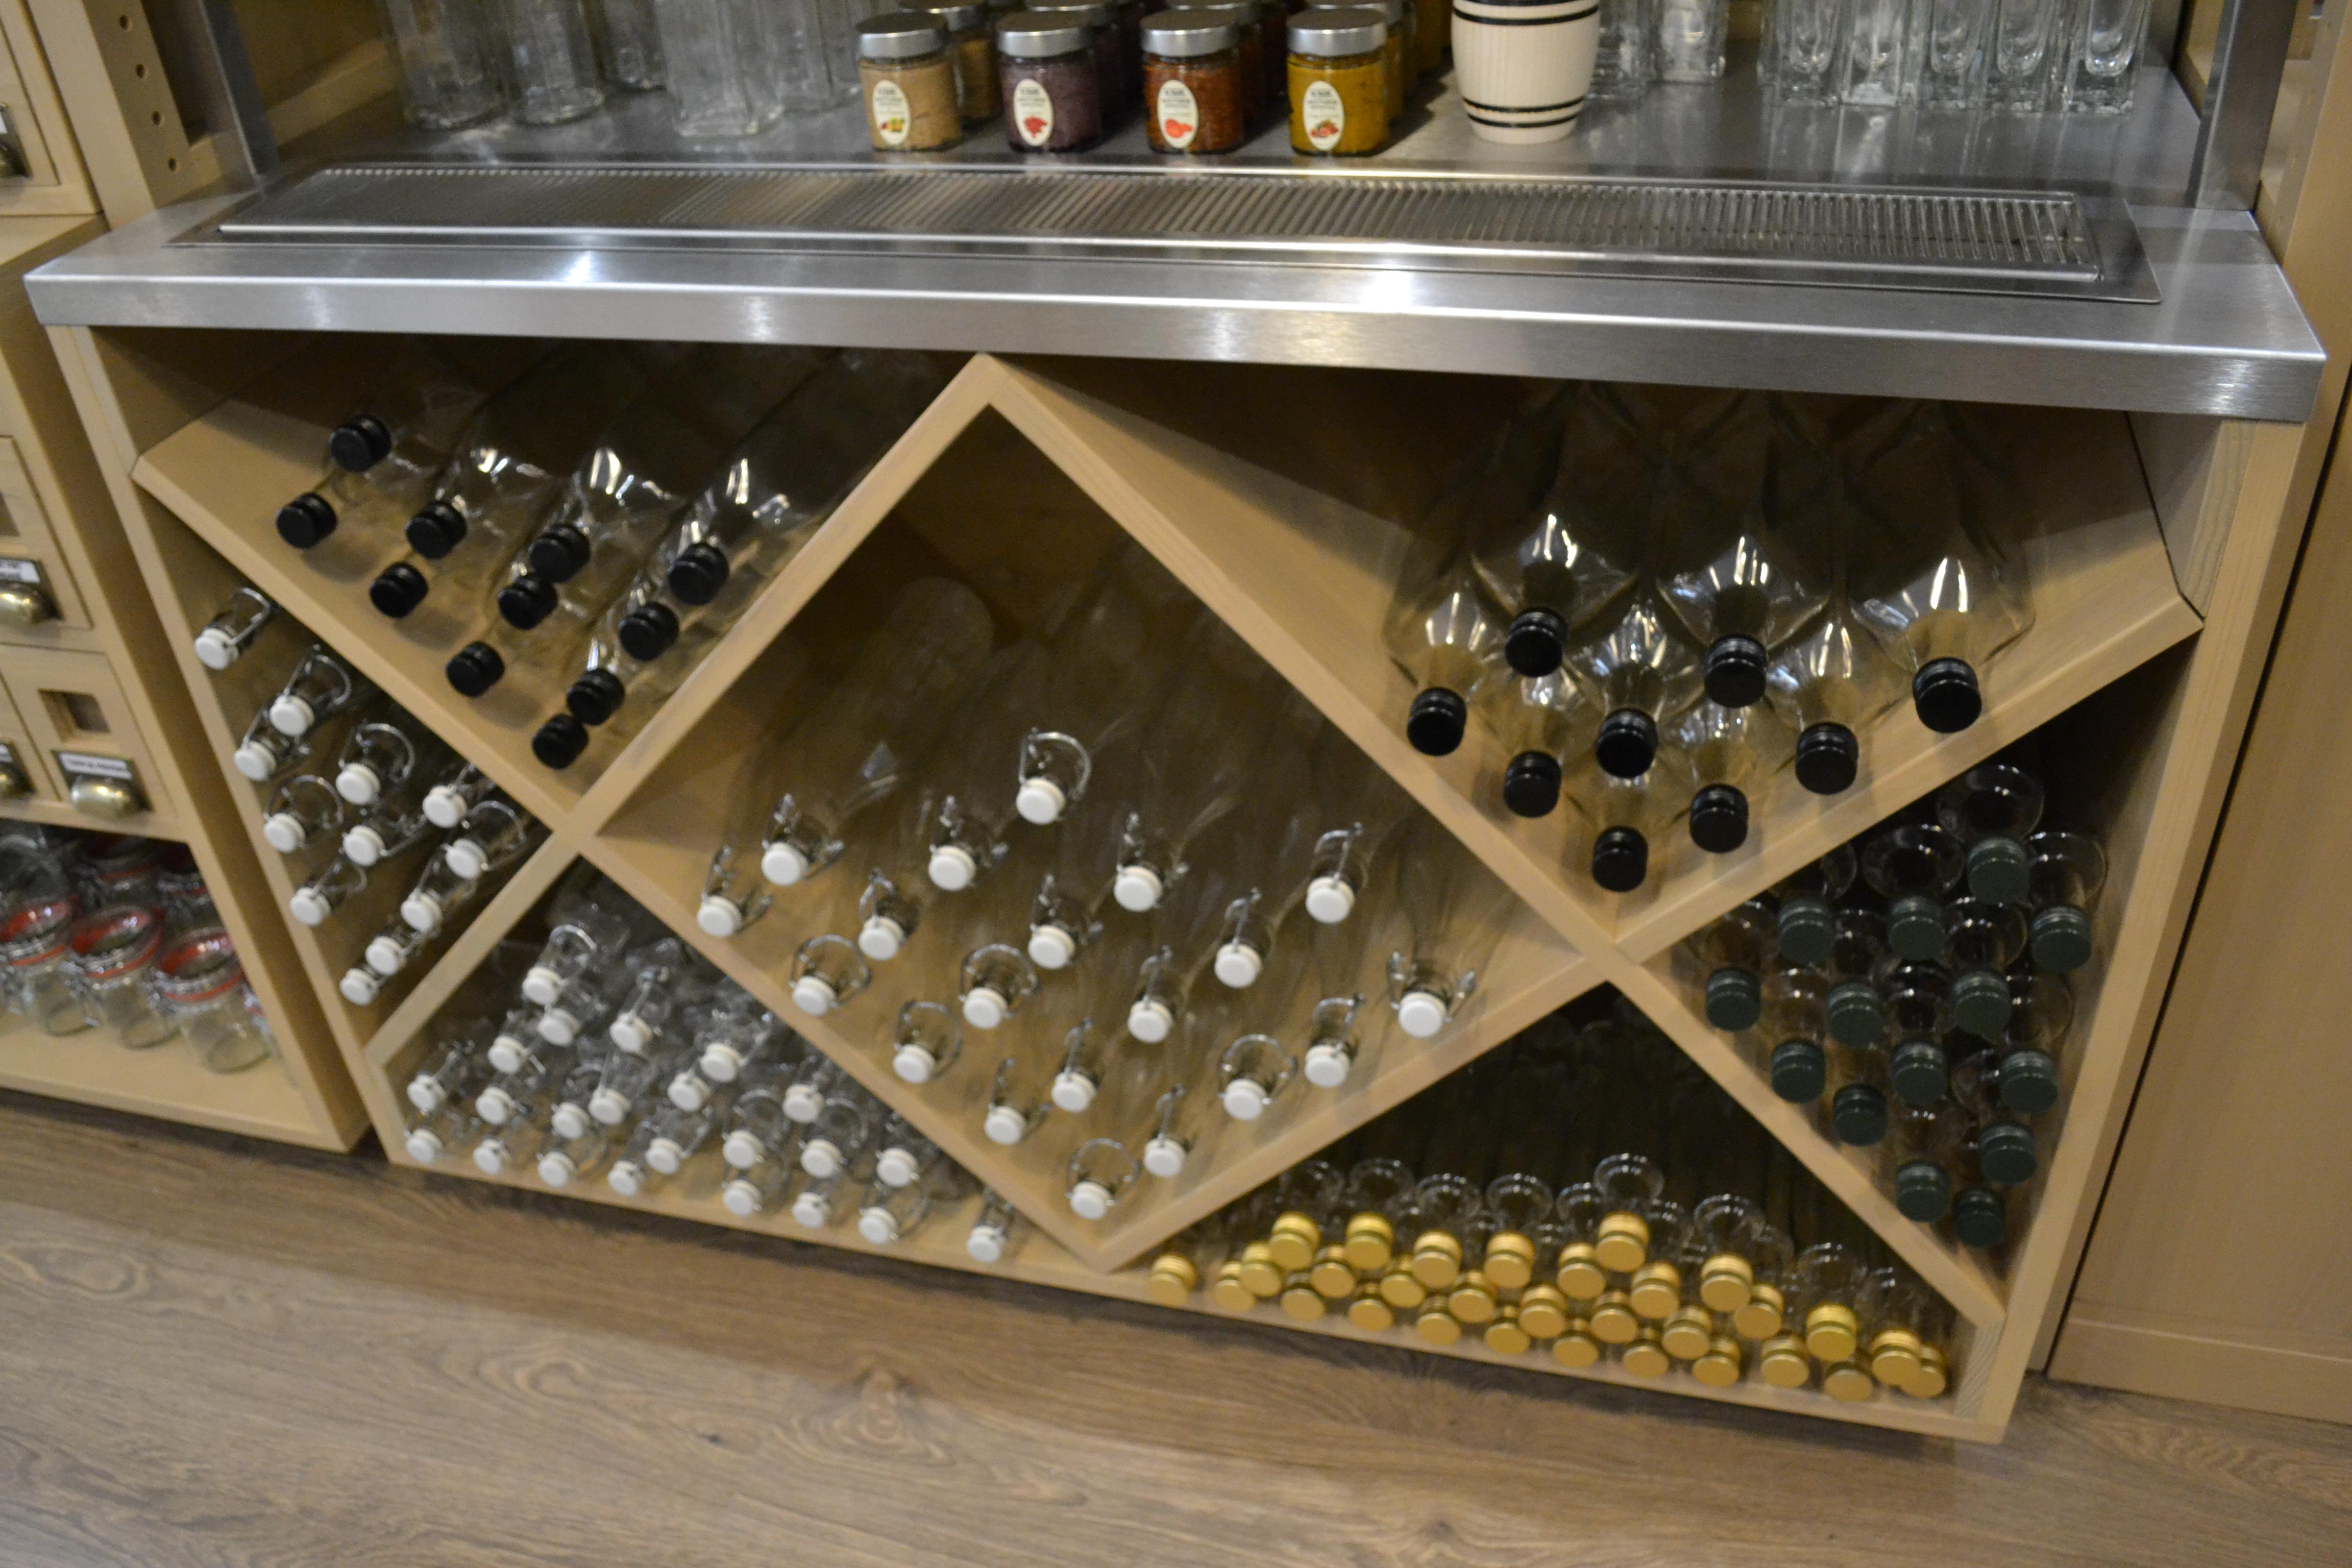 Des bouteilles qui serviront de contenant aux produits liquides